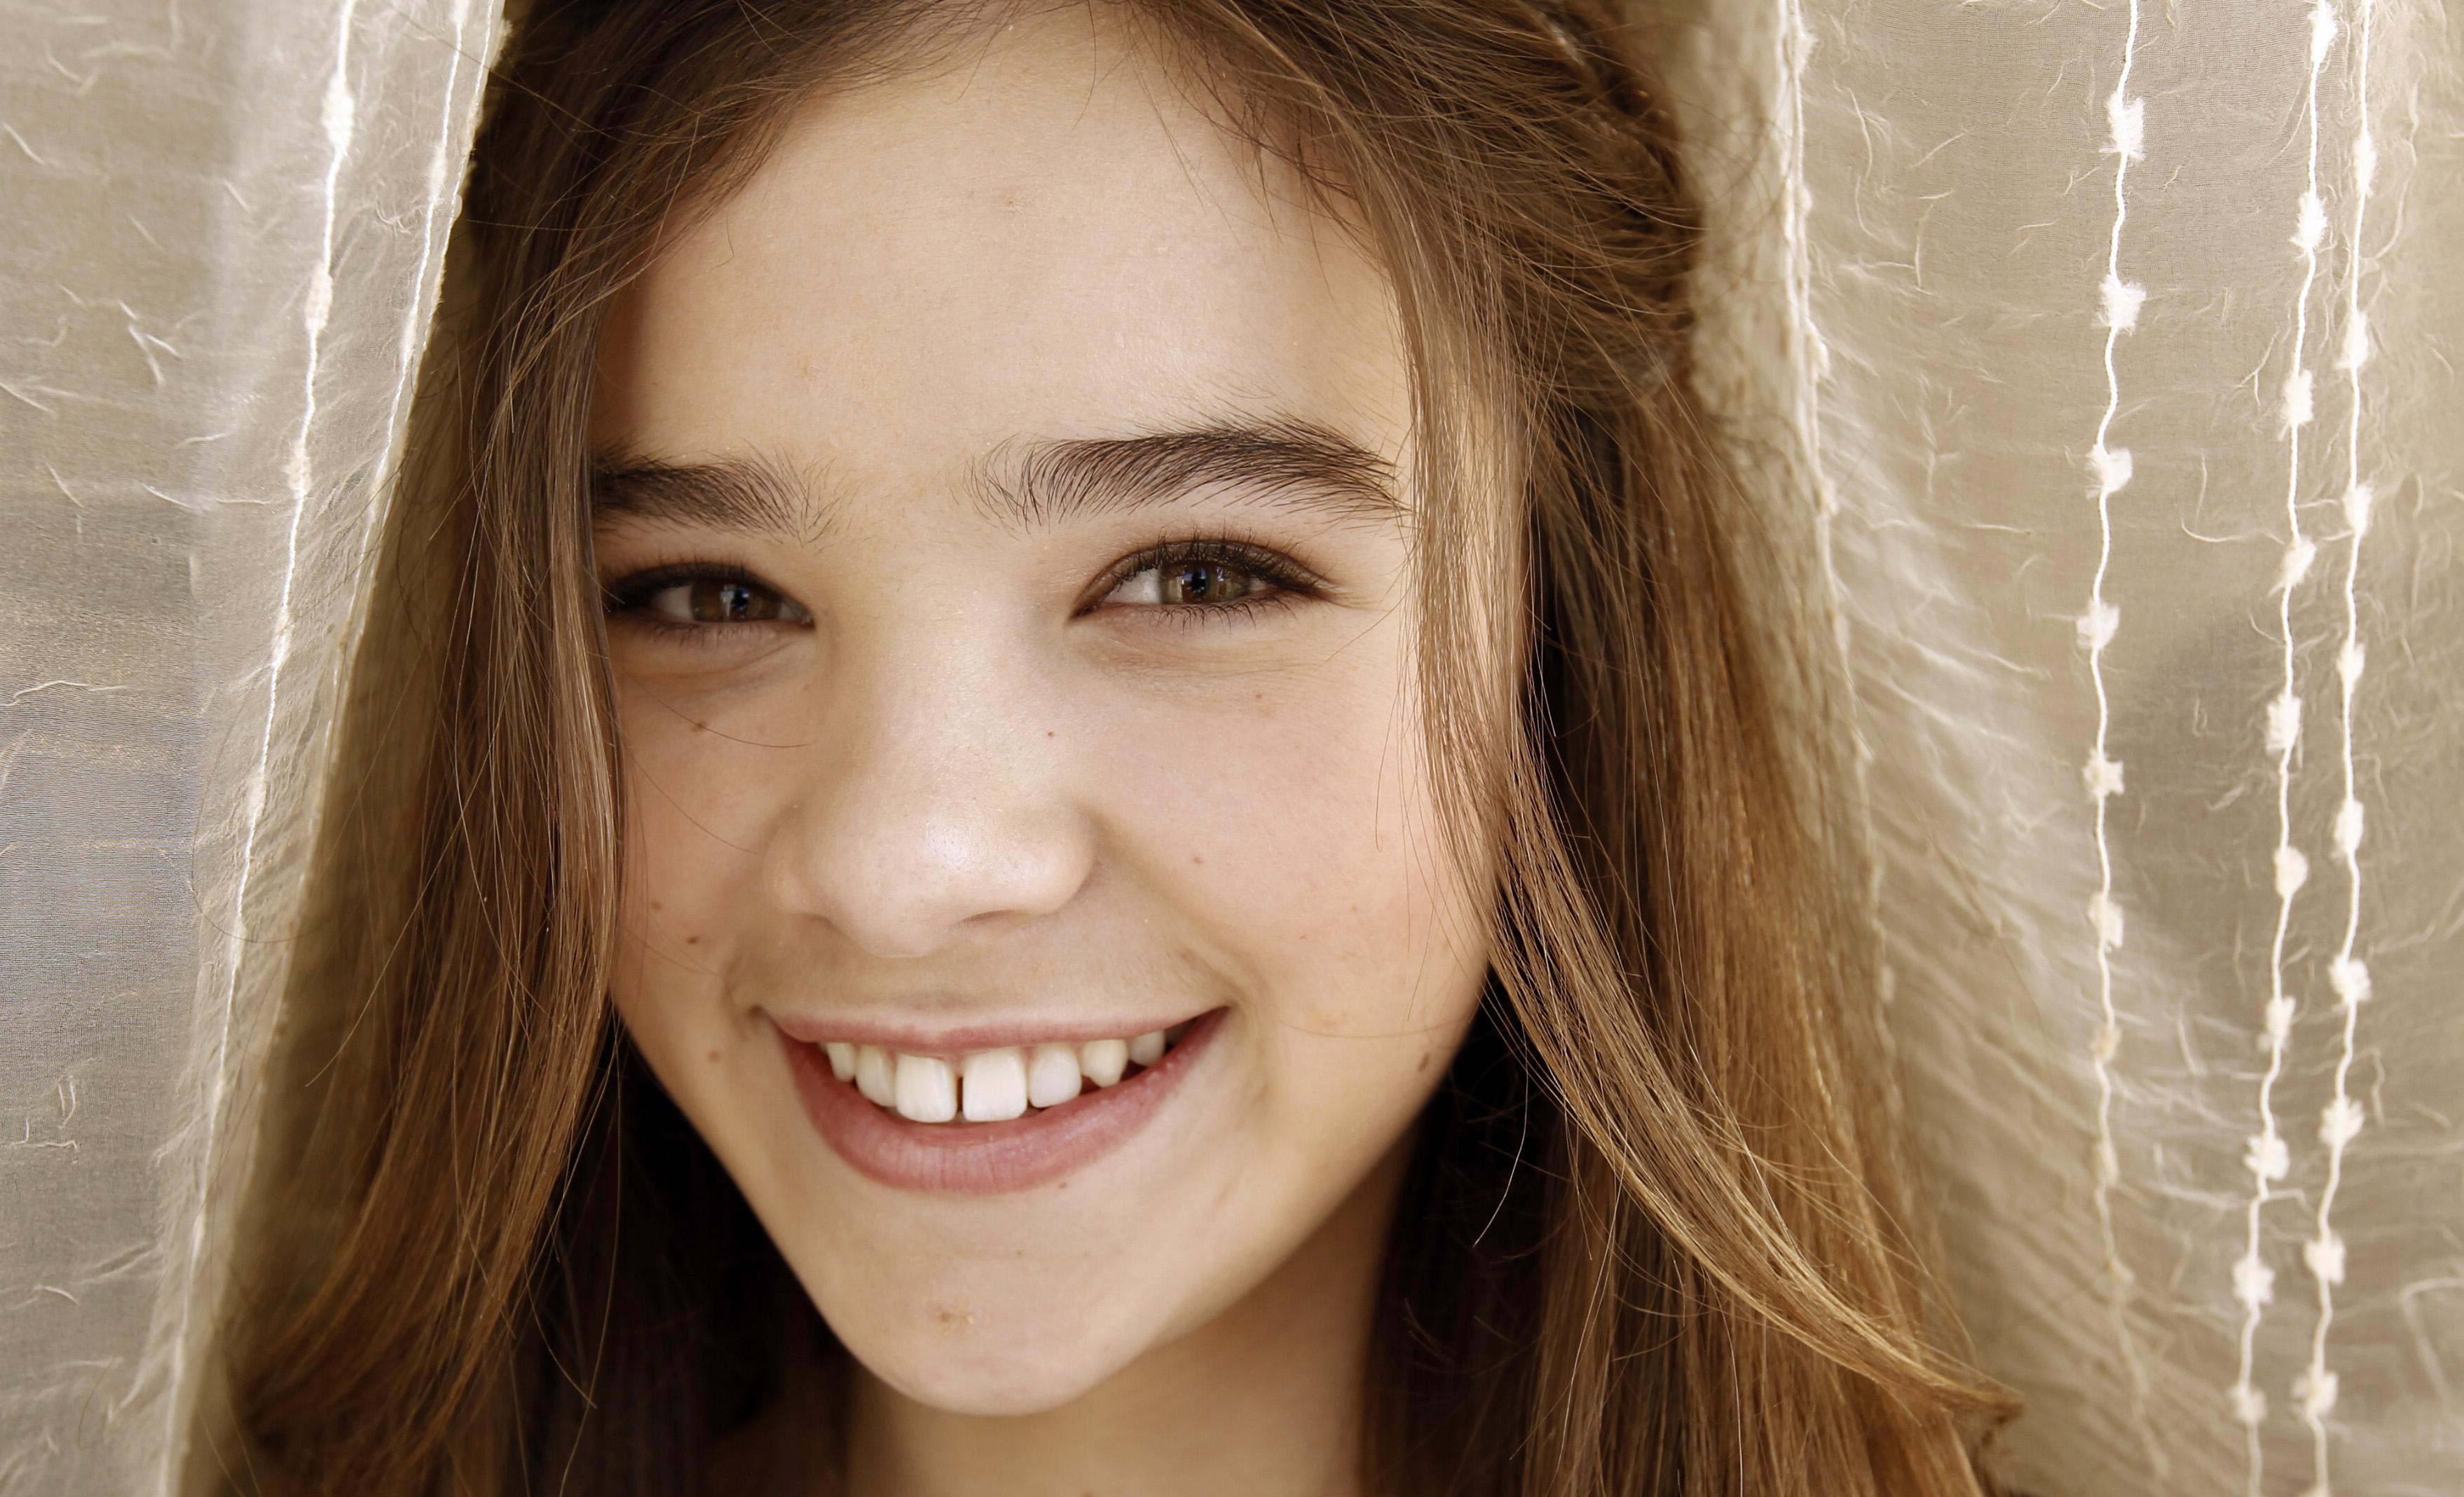 hailee steinfeld face smile wallpaper background 61965